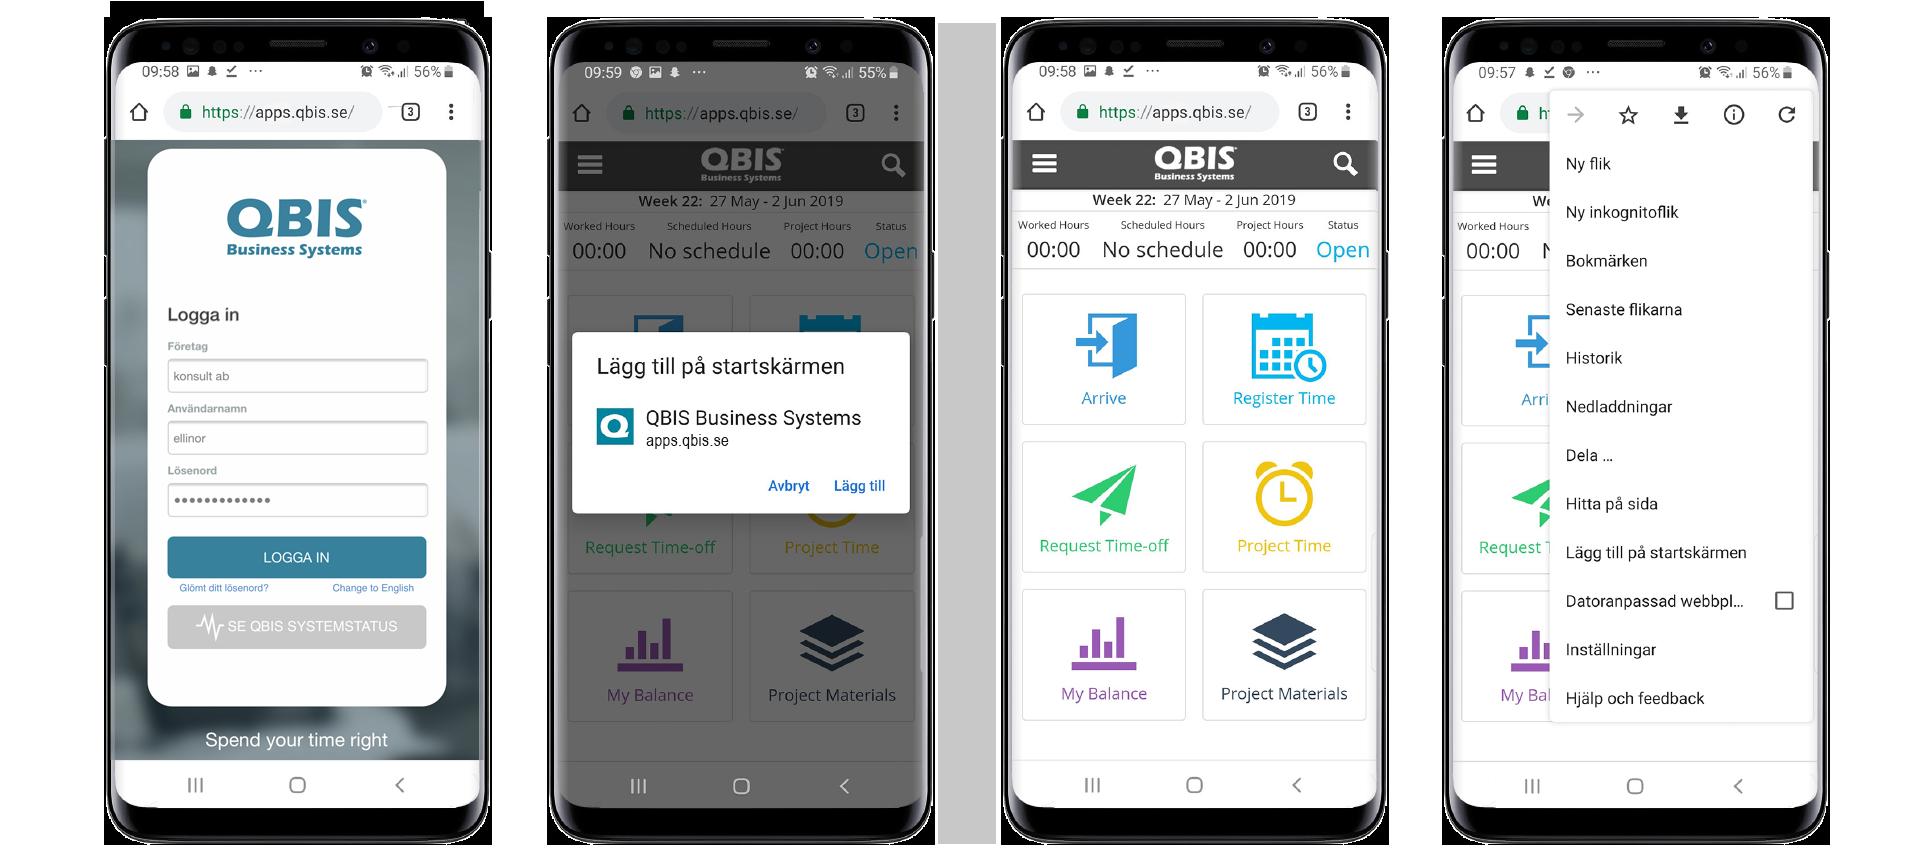 Tidrapportering app - lägg till på din startskärm på Android | QBIS